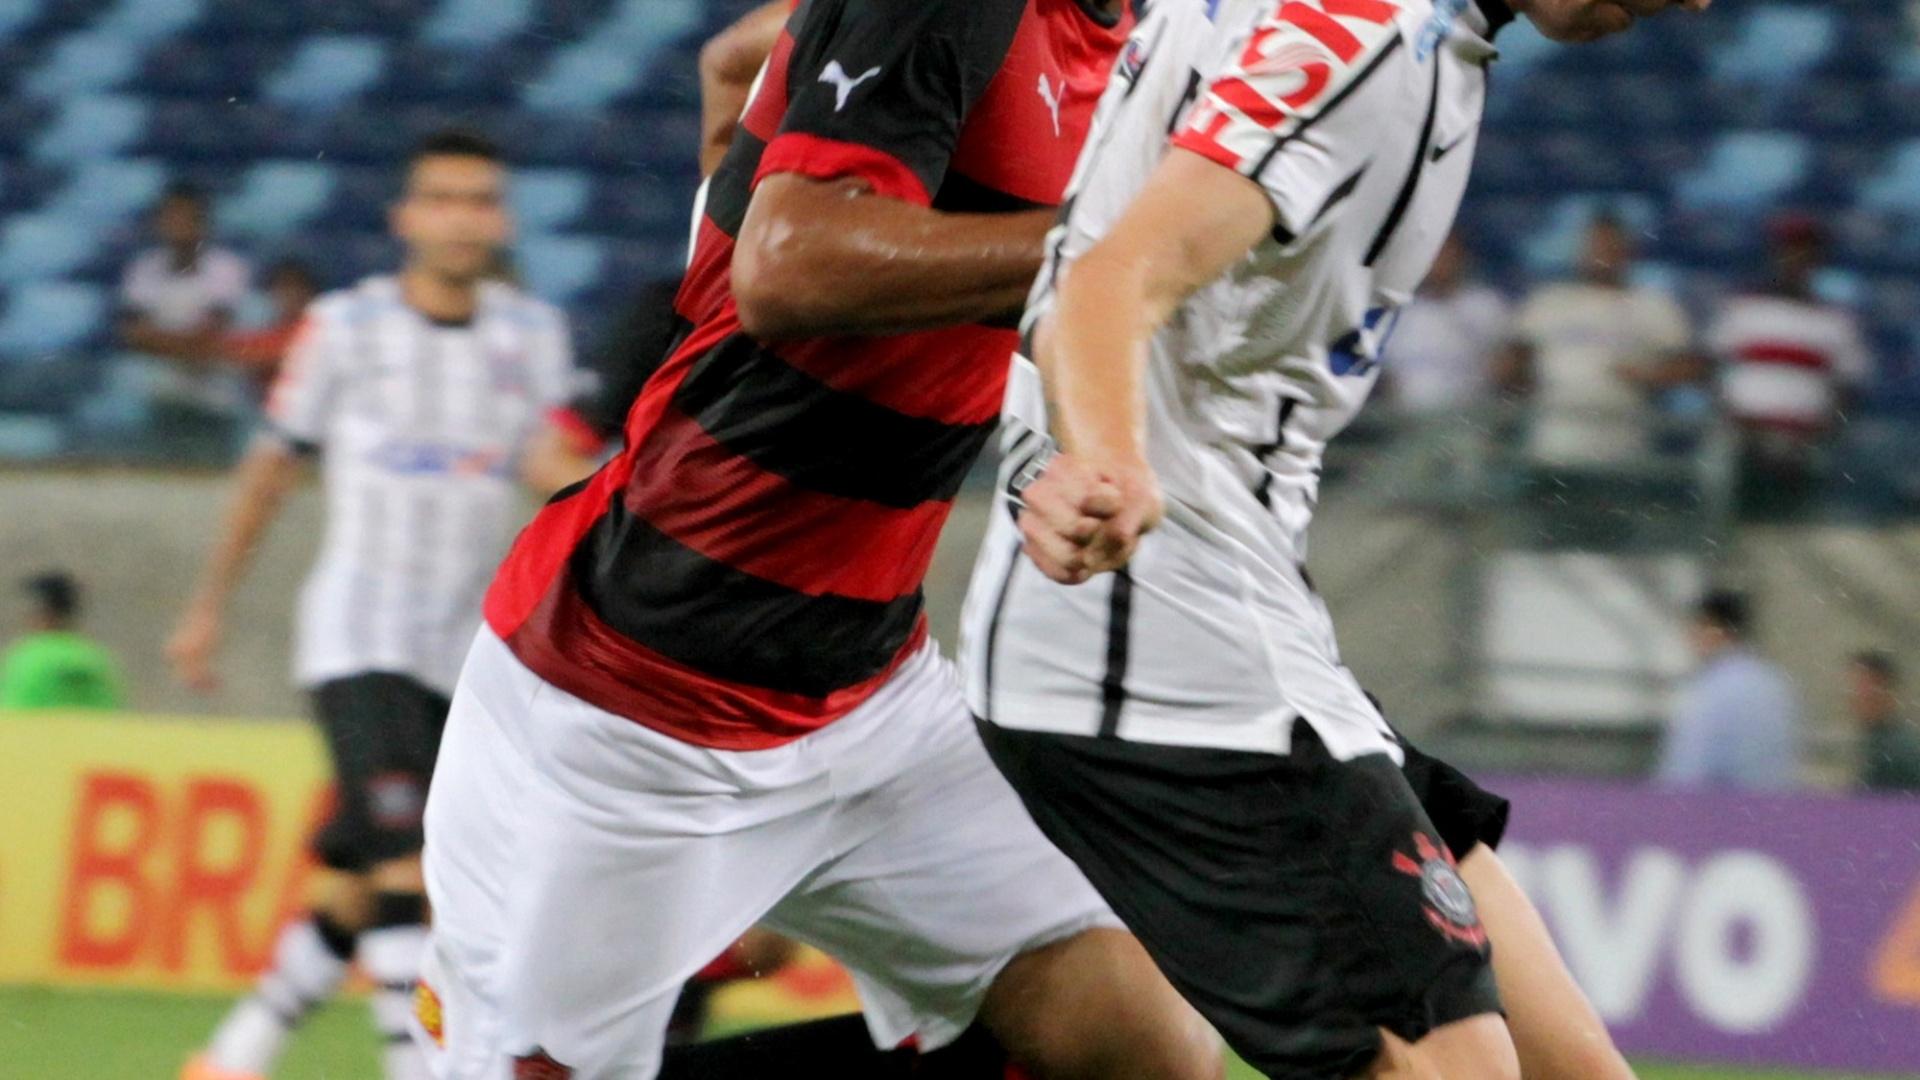 Ferrugem tenta fazer jogada na partida entre Corinthians e Vitória